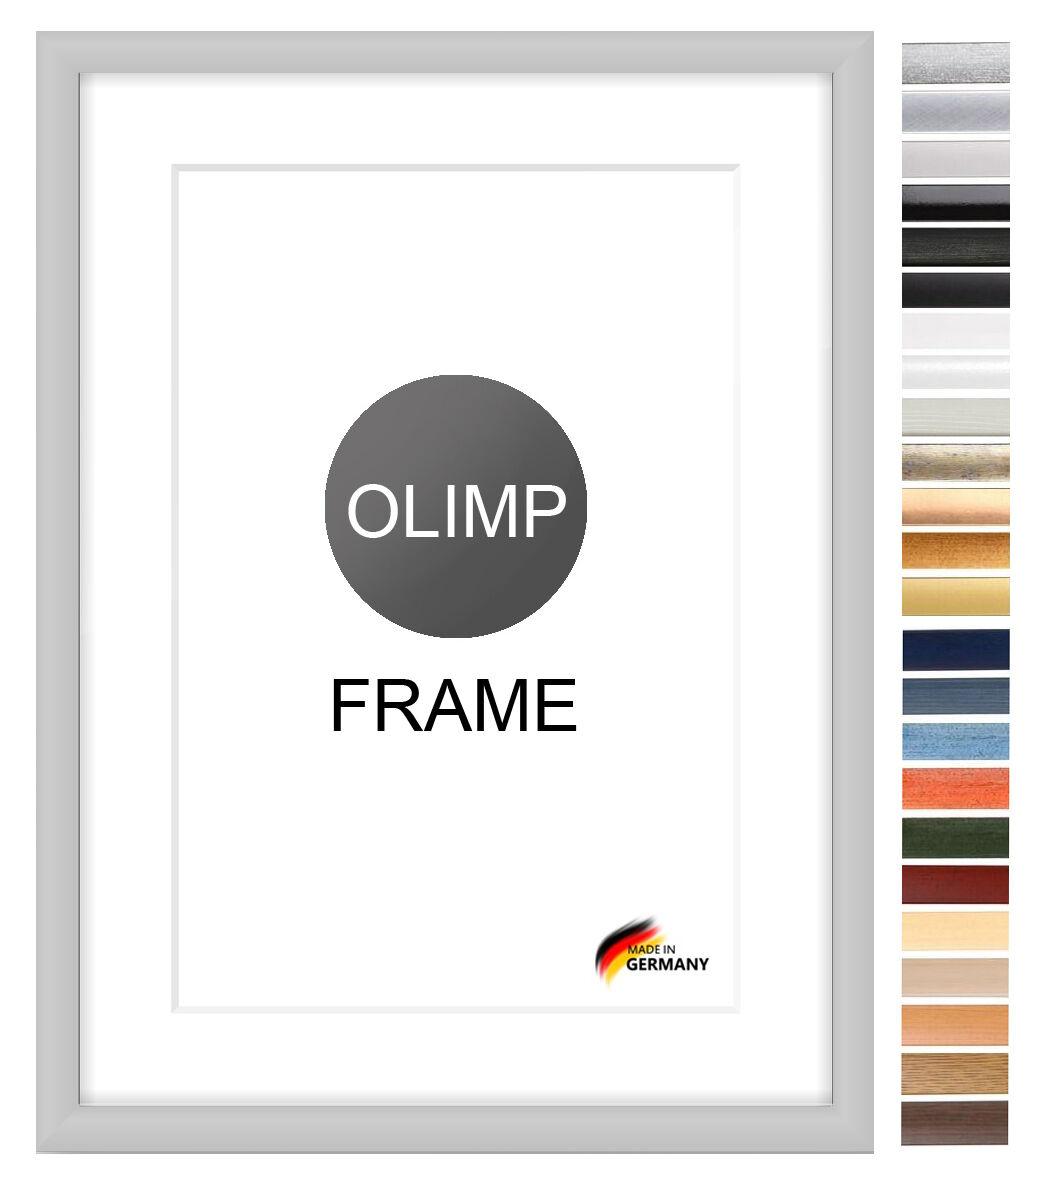 Marco Marco Marco 22 Colors desde 40x112 hasta 40x120 cm Foto Panorama Puzzle Marco Nuevo 059ddf